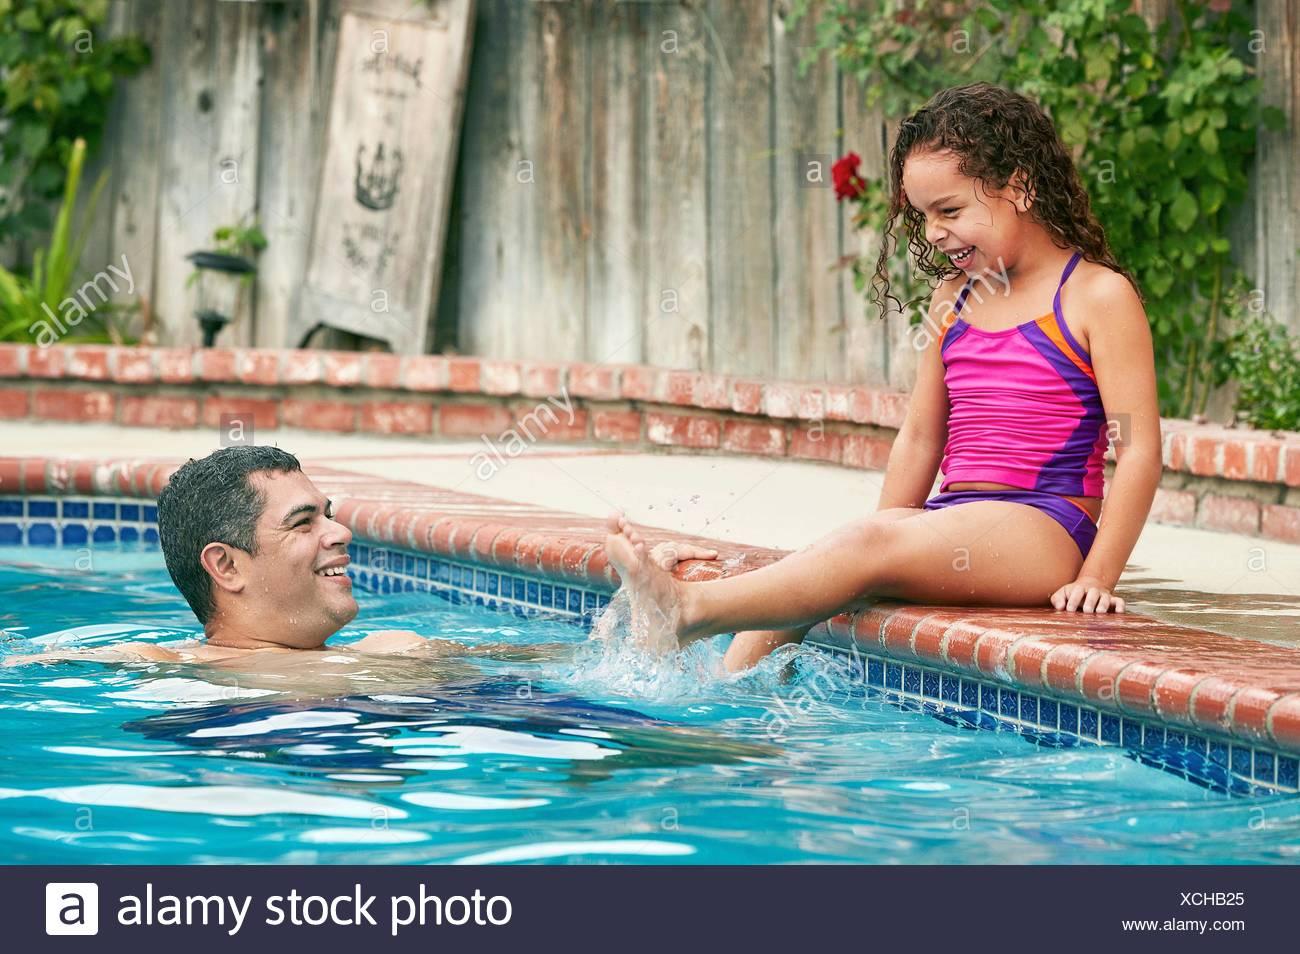 Vestida de traje de baño sentado al lado de la piscina salpicando padre sonriendo Imagen De Stock